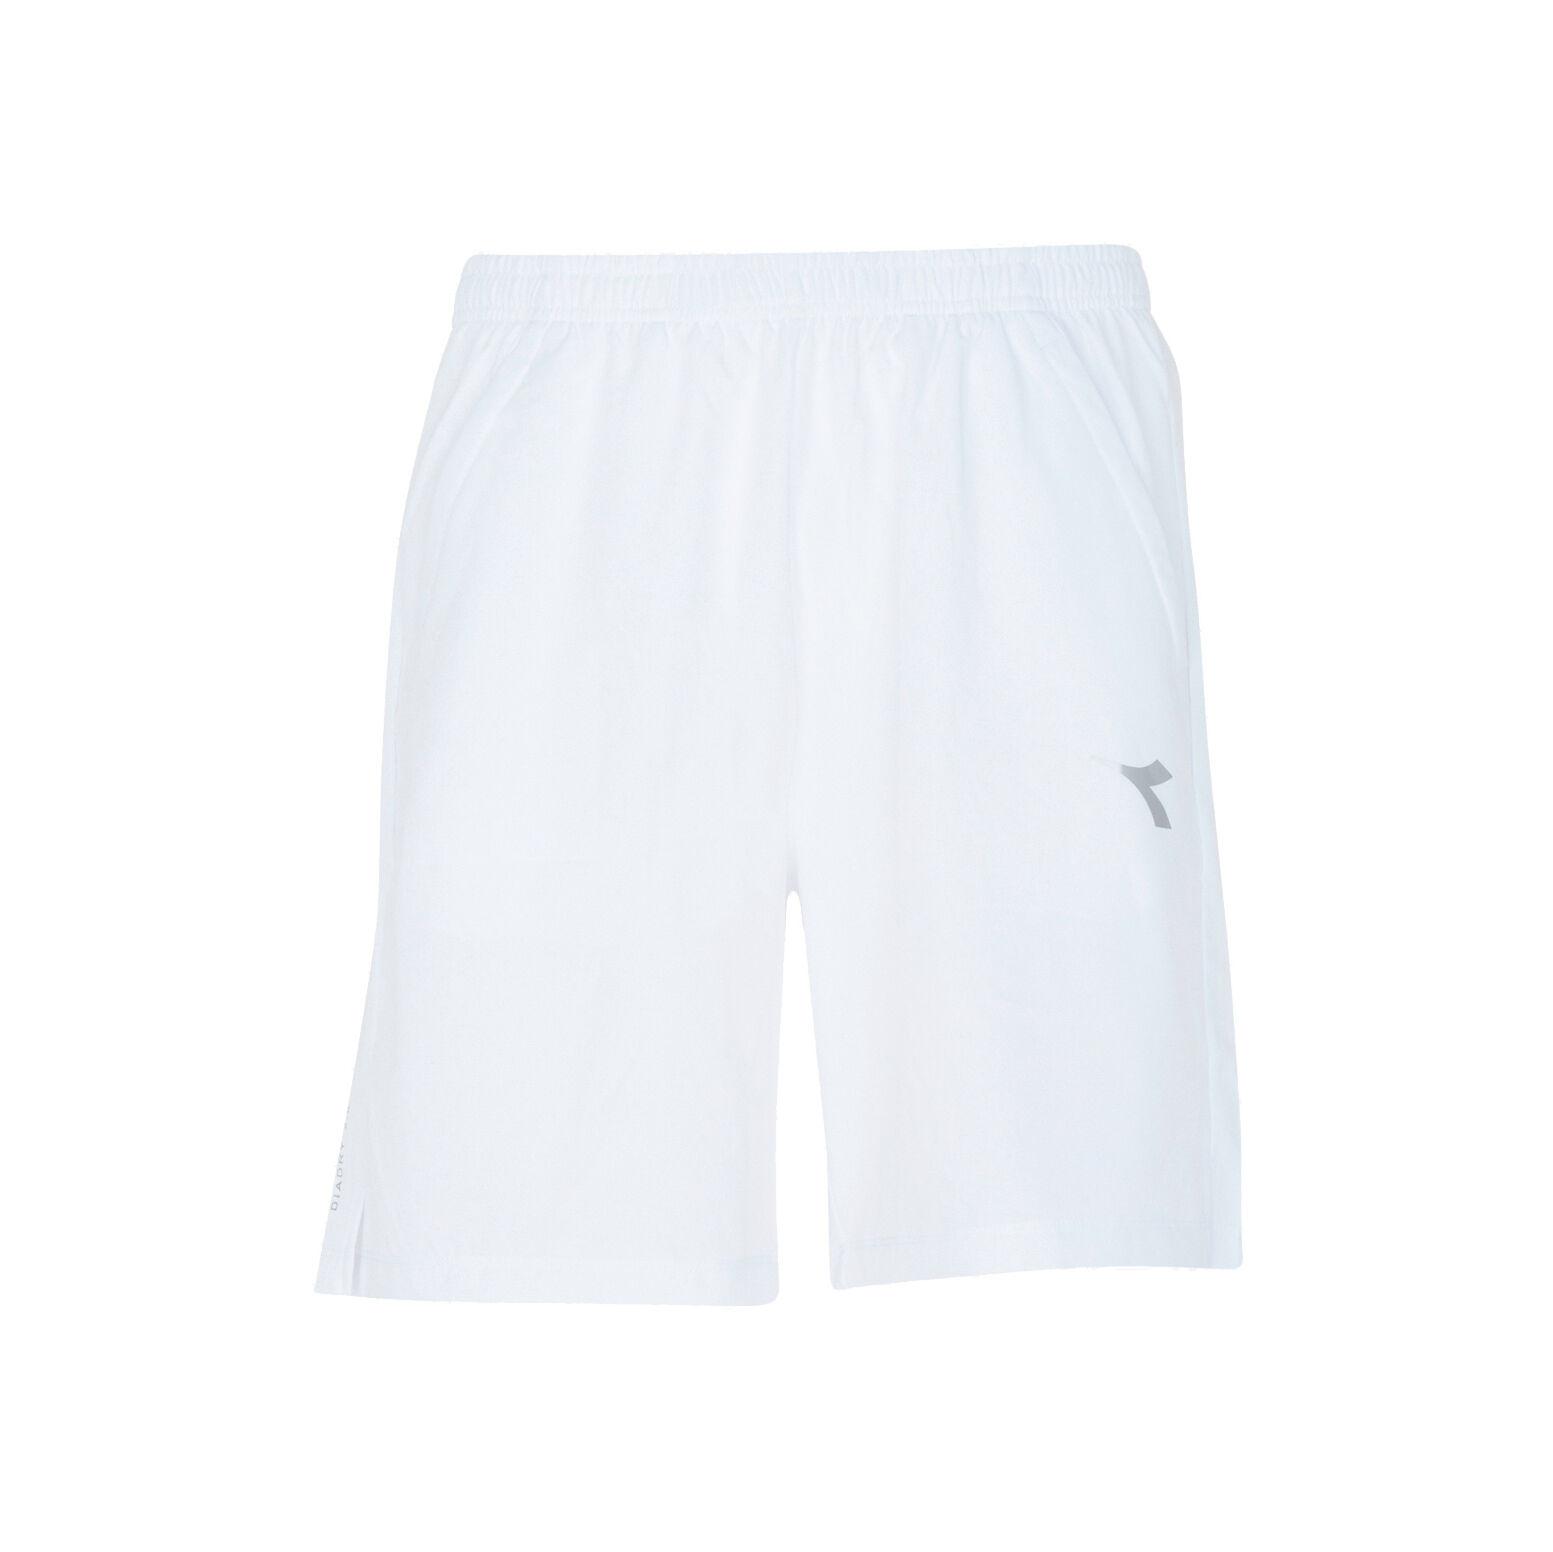 Diadora Court Shorts Herren Weiß, Hellgrau online kaufen